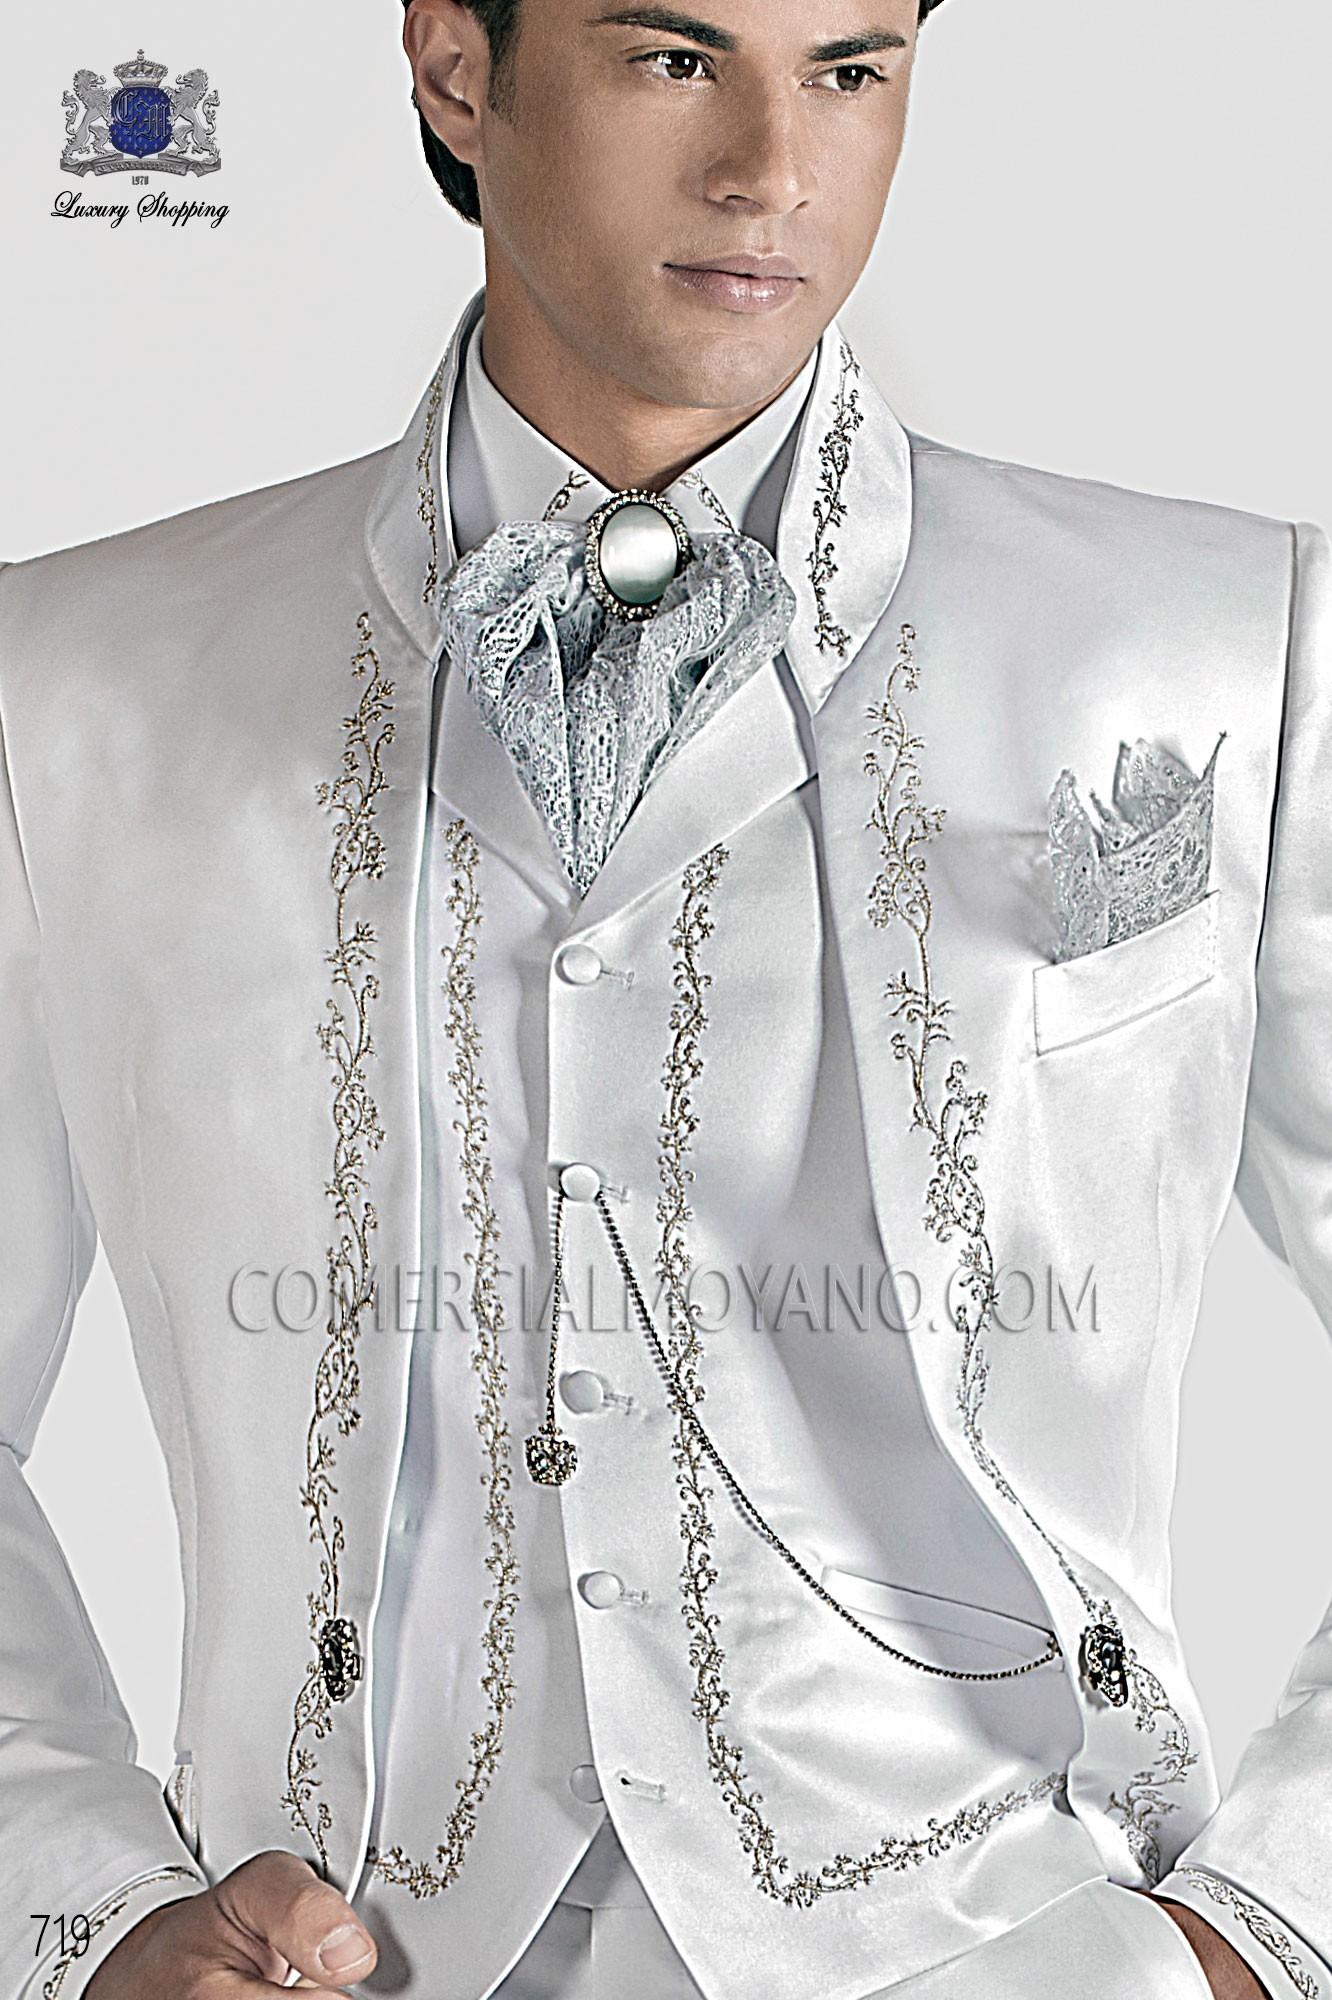 Traje barroco de novio blanco modelo: 719 Ottavio Nuccio Gala colección Barroco